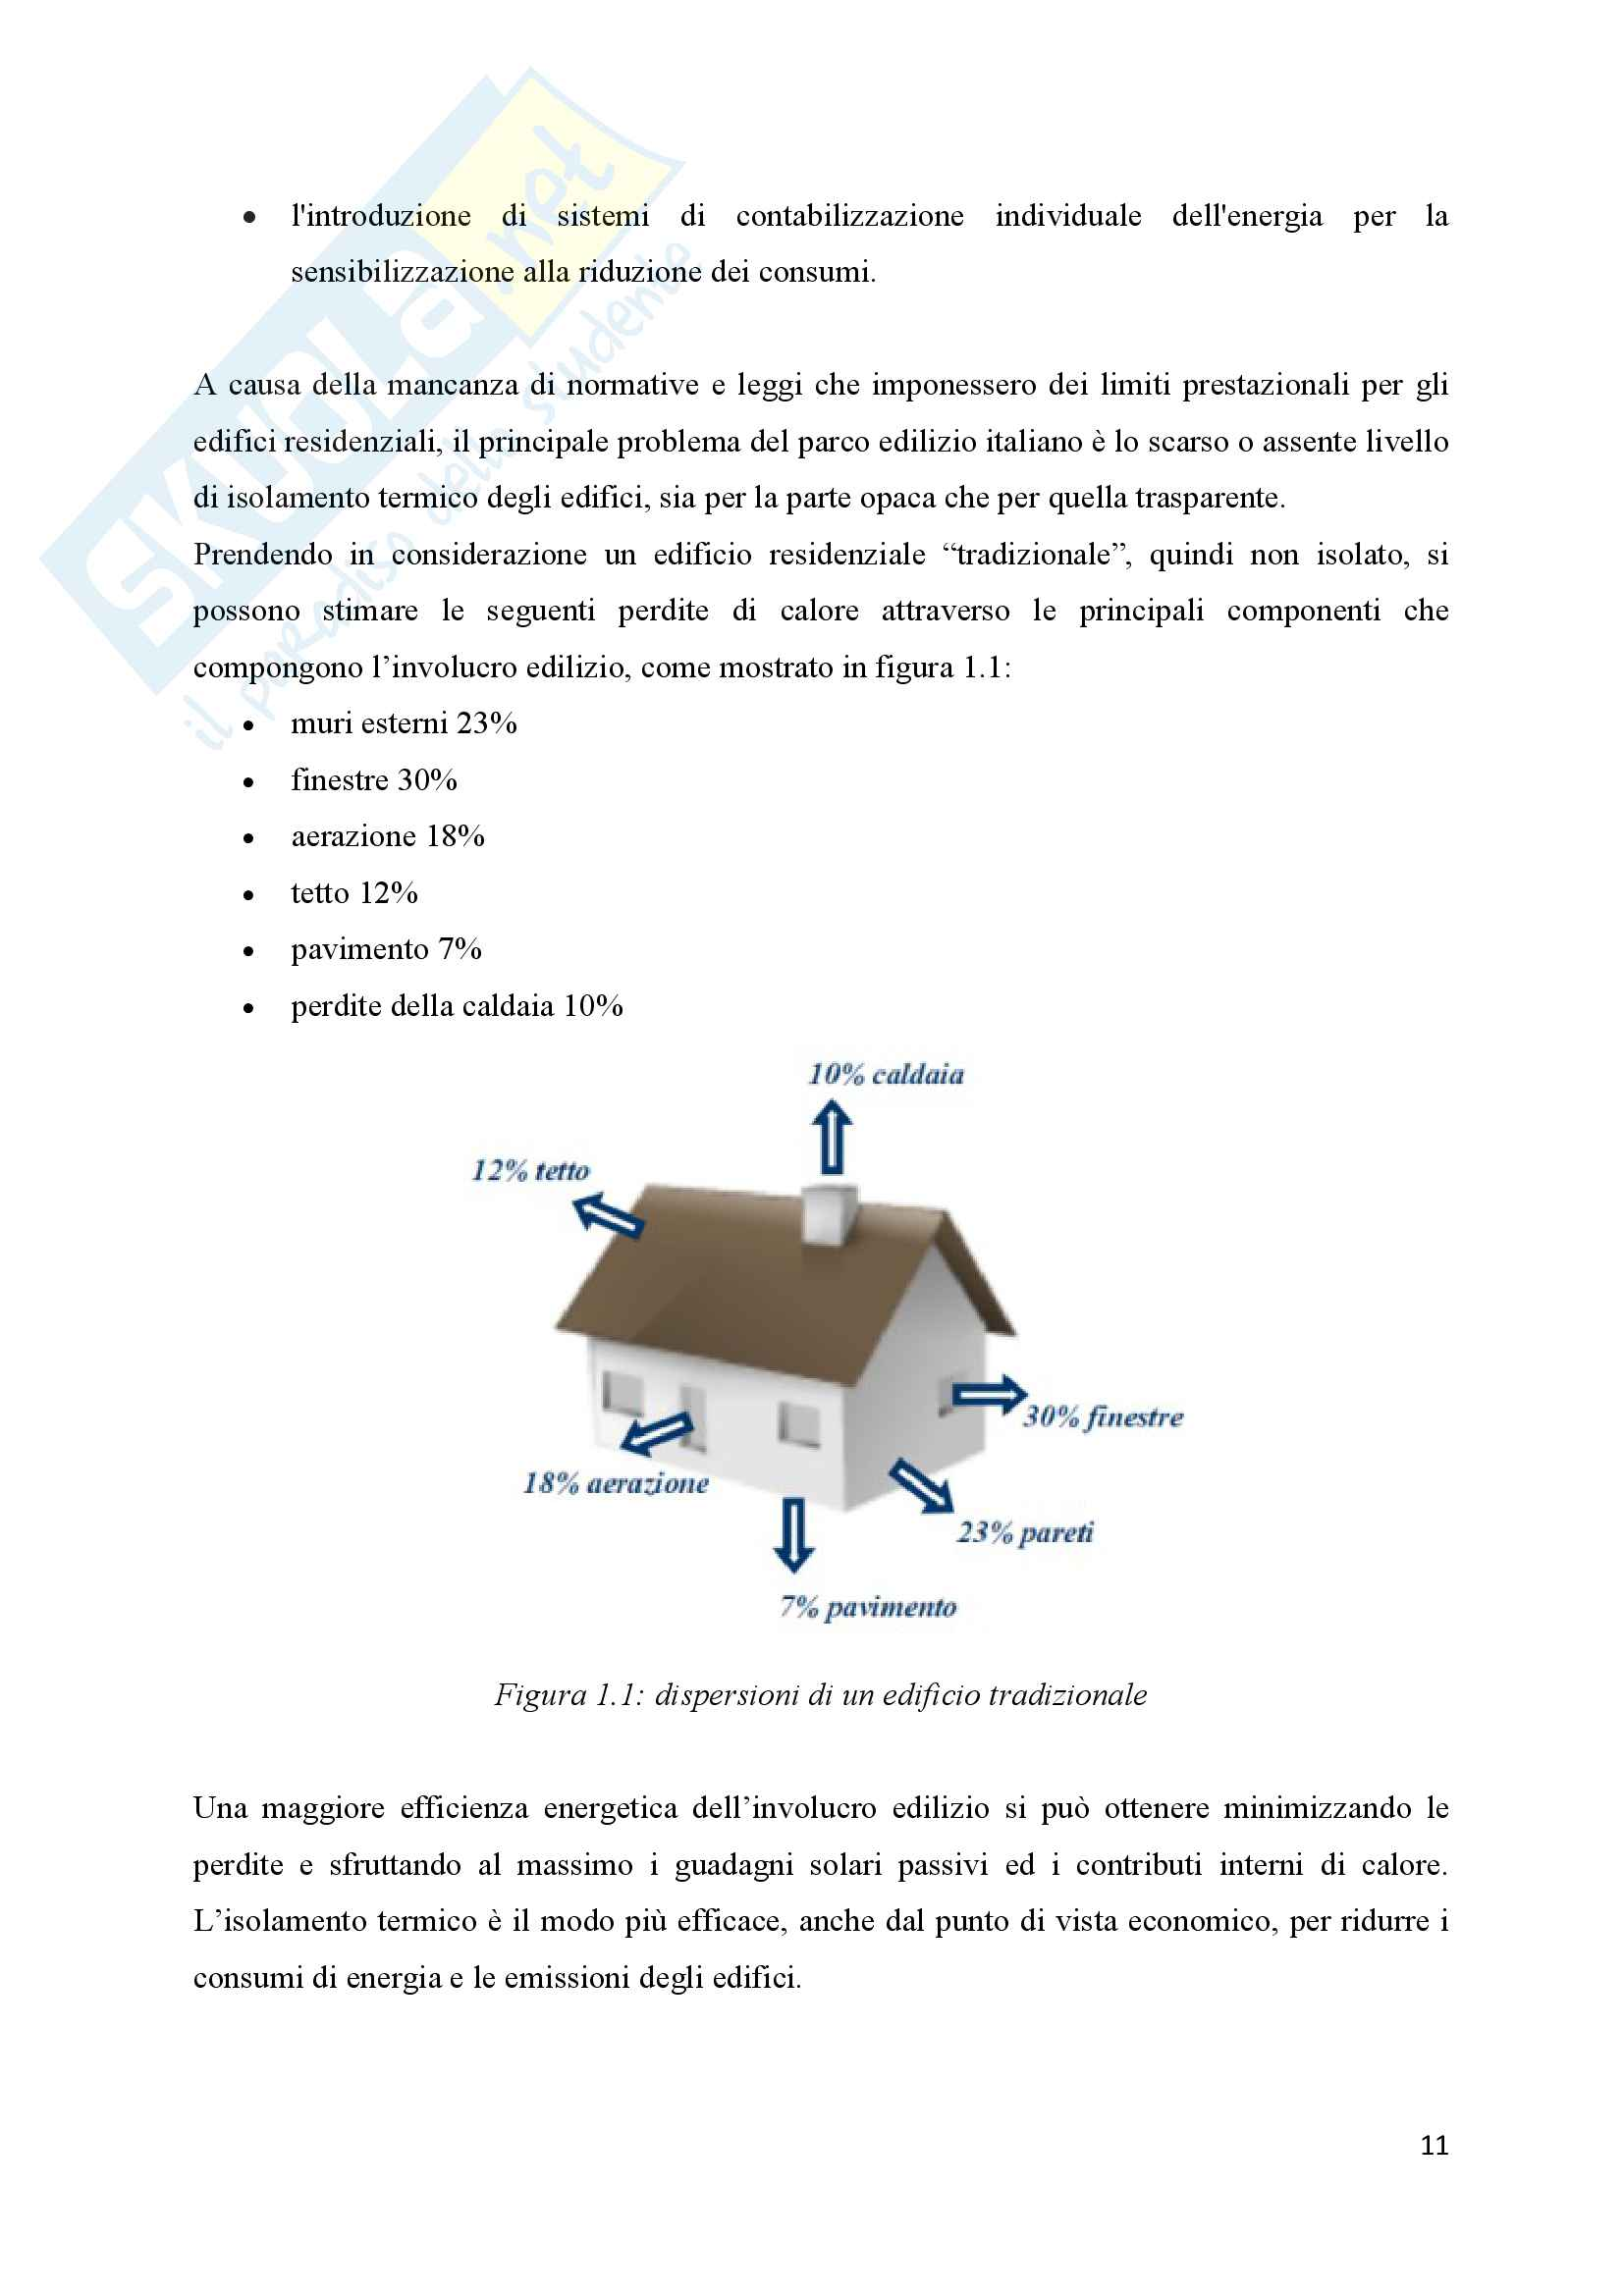 Scenari di riqualificazione energetica di un appartamento, Tesi Pag. 11